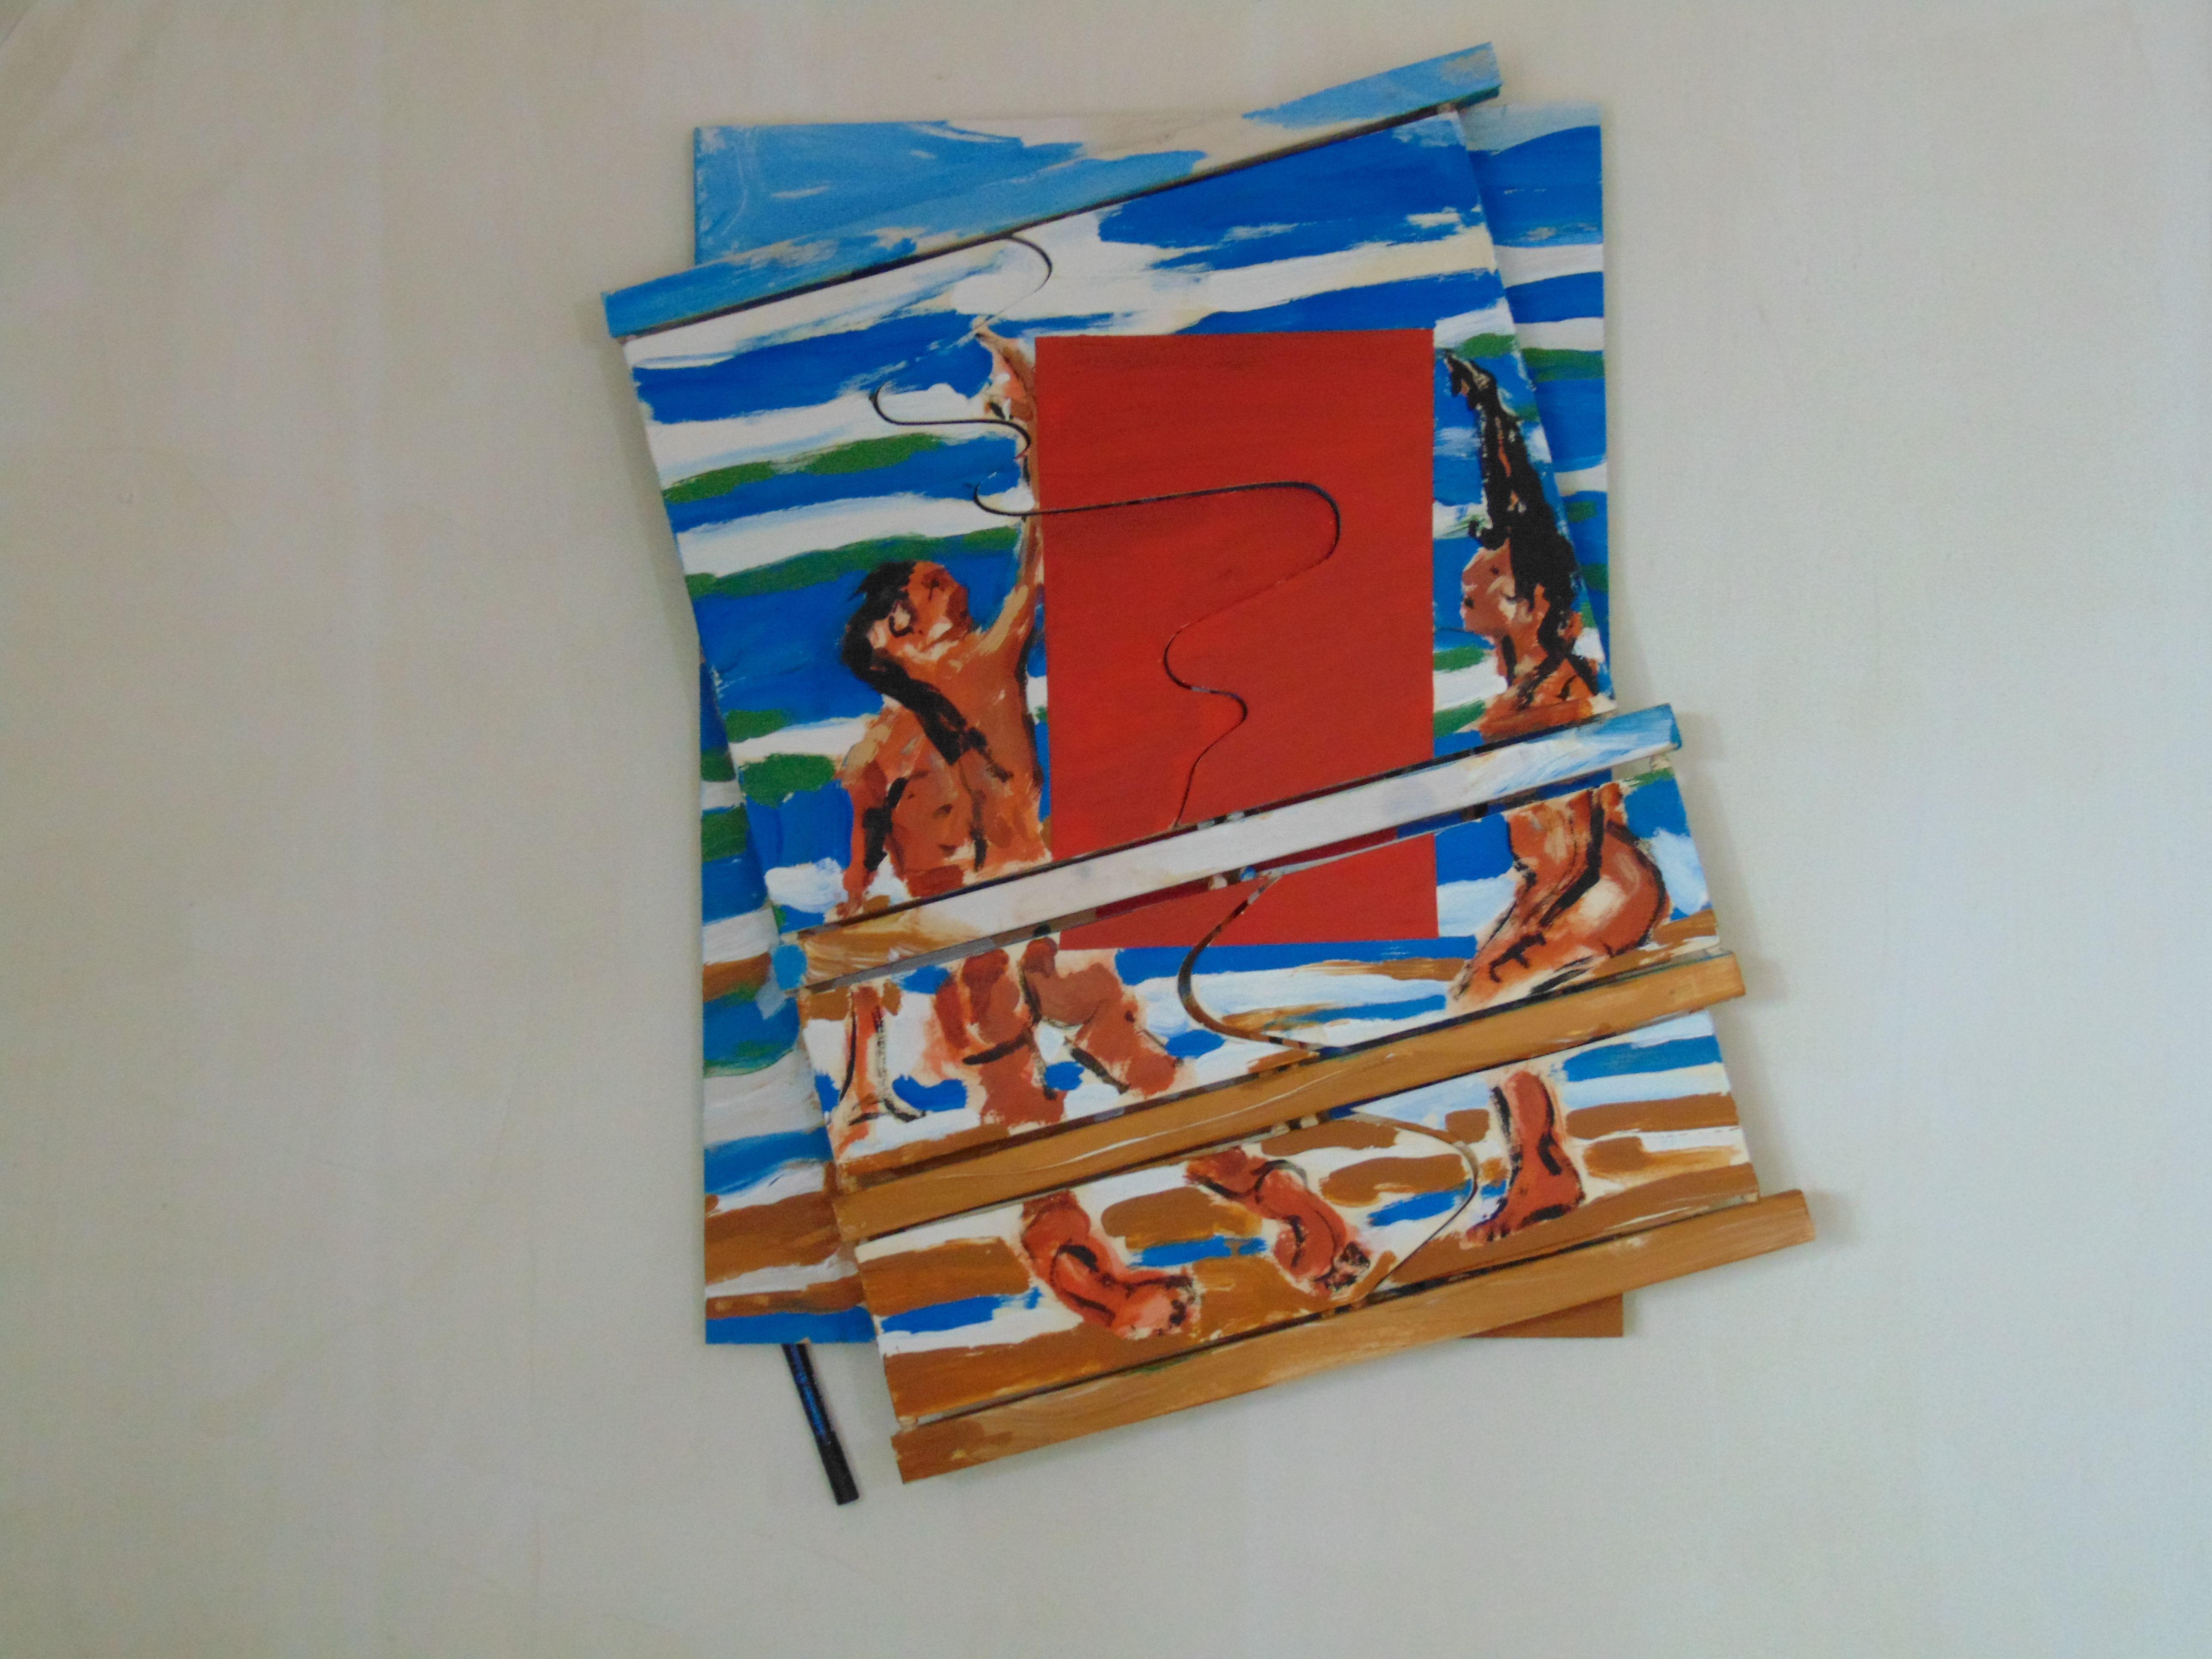 Ein nacktes Paar vor blau-weiß-braunem Hintergrund, mittig eine rote Fläche